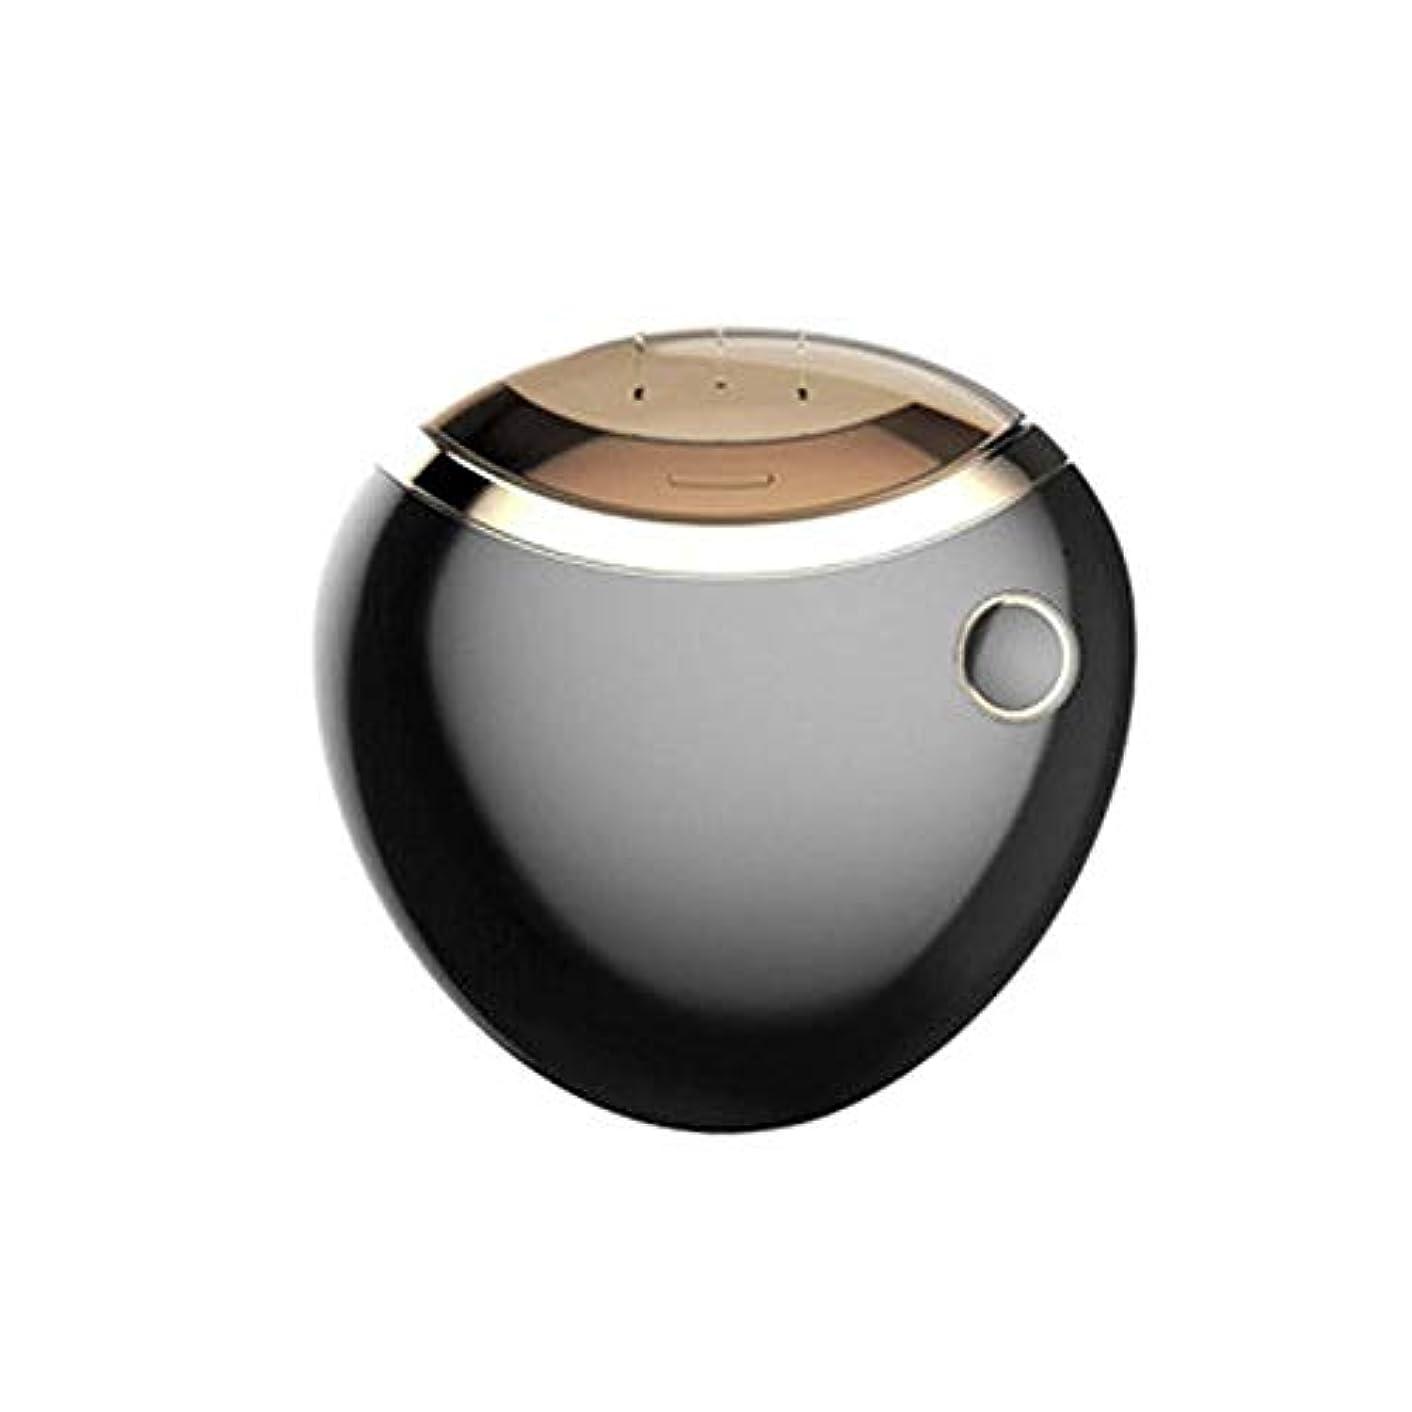 アラートサポートくつろぎBostar 電動爪切り 爪磨き 自動爪切り 爪ケア USB充電式 ネイルケア 男女兼用 プレゼント 高級 騒音なし 簡単安全 コンパクト ブラック